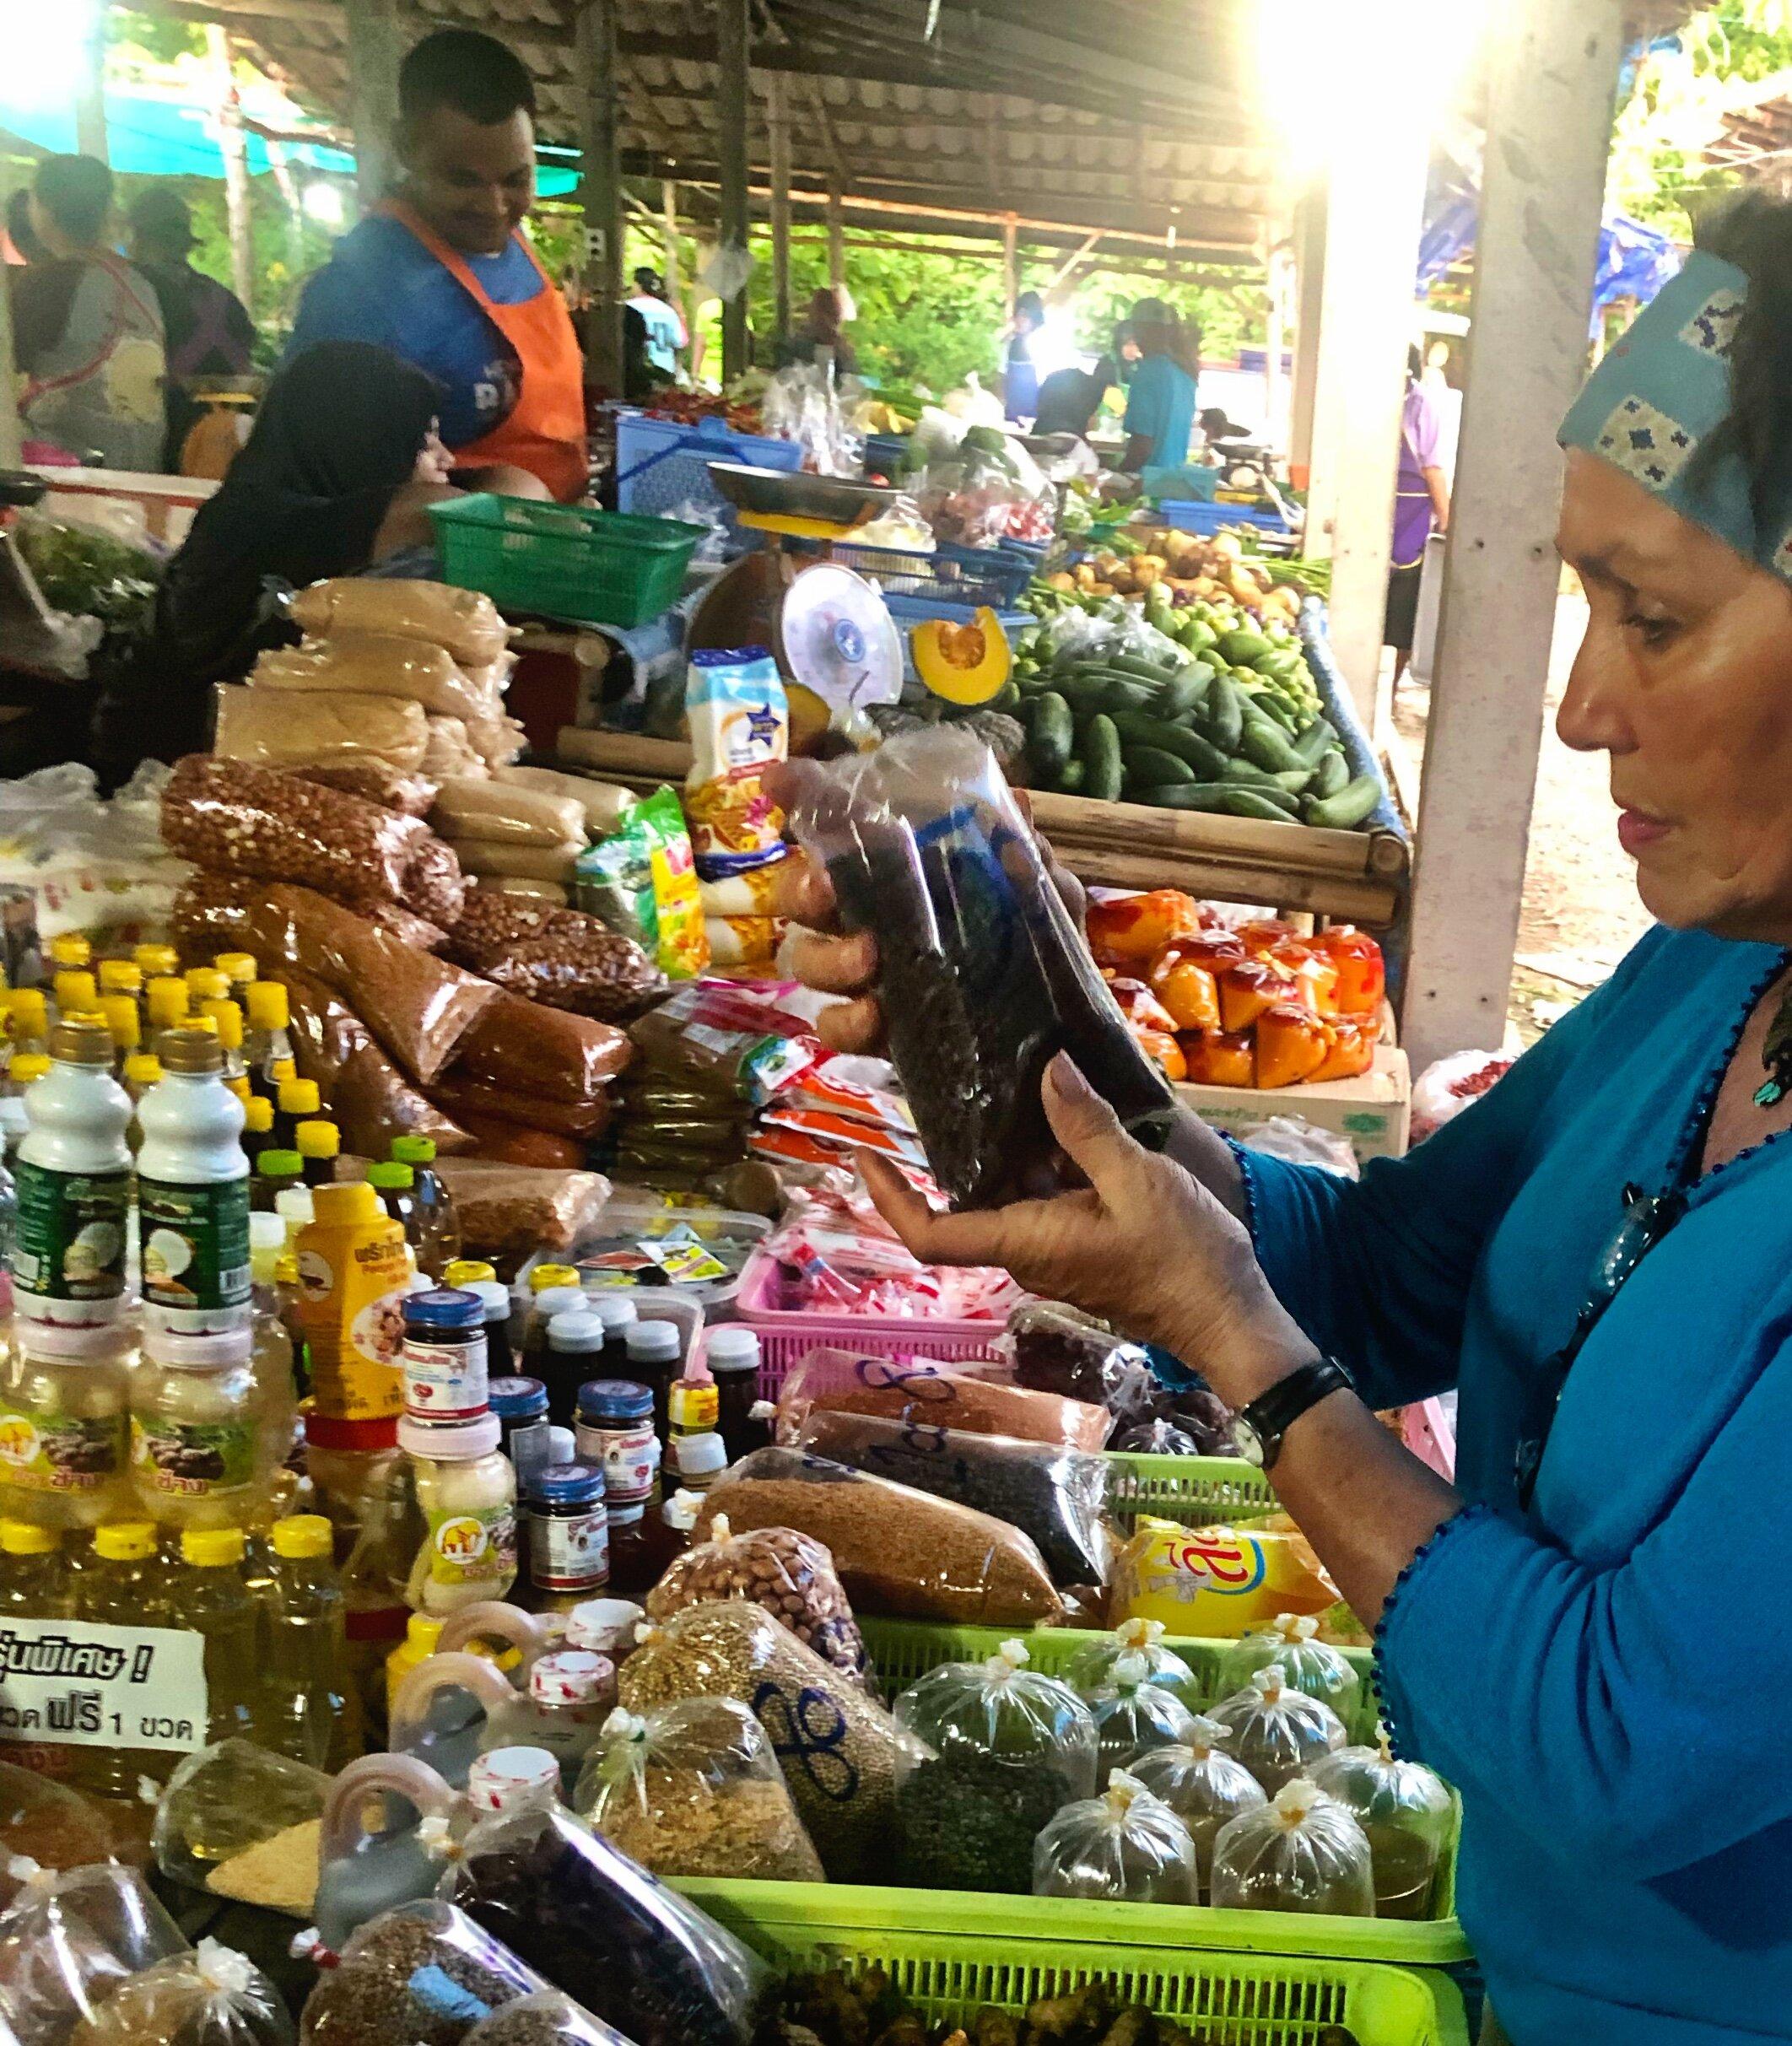 Bush Goddess - Abundance and exotic foods at the weeklyKoh Lanta market